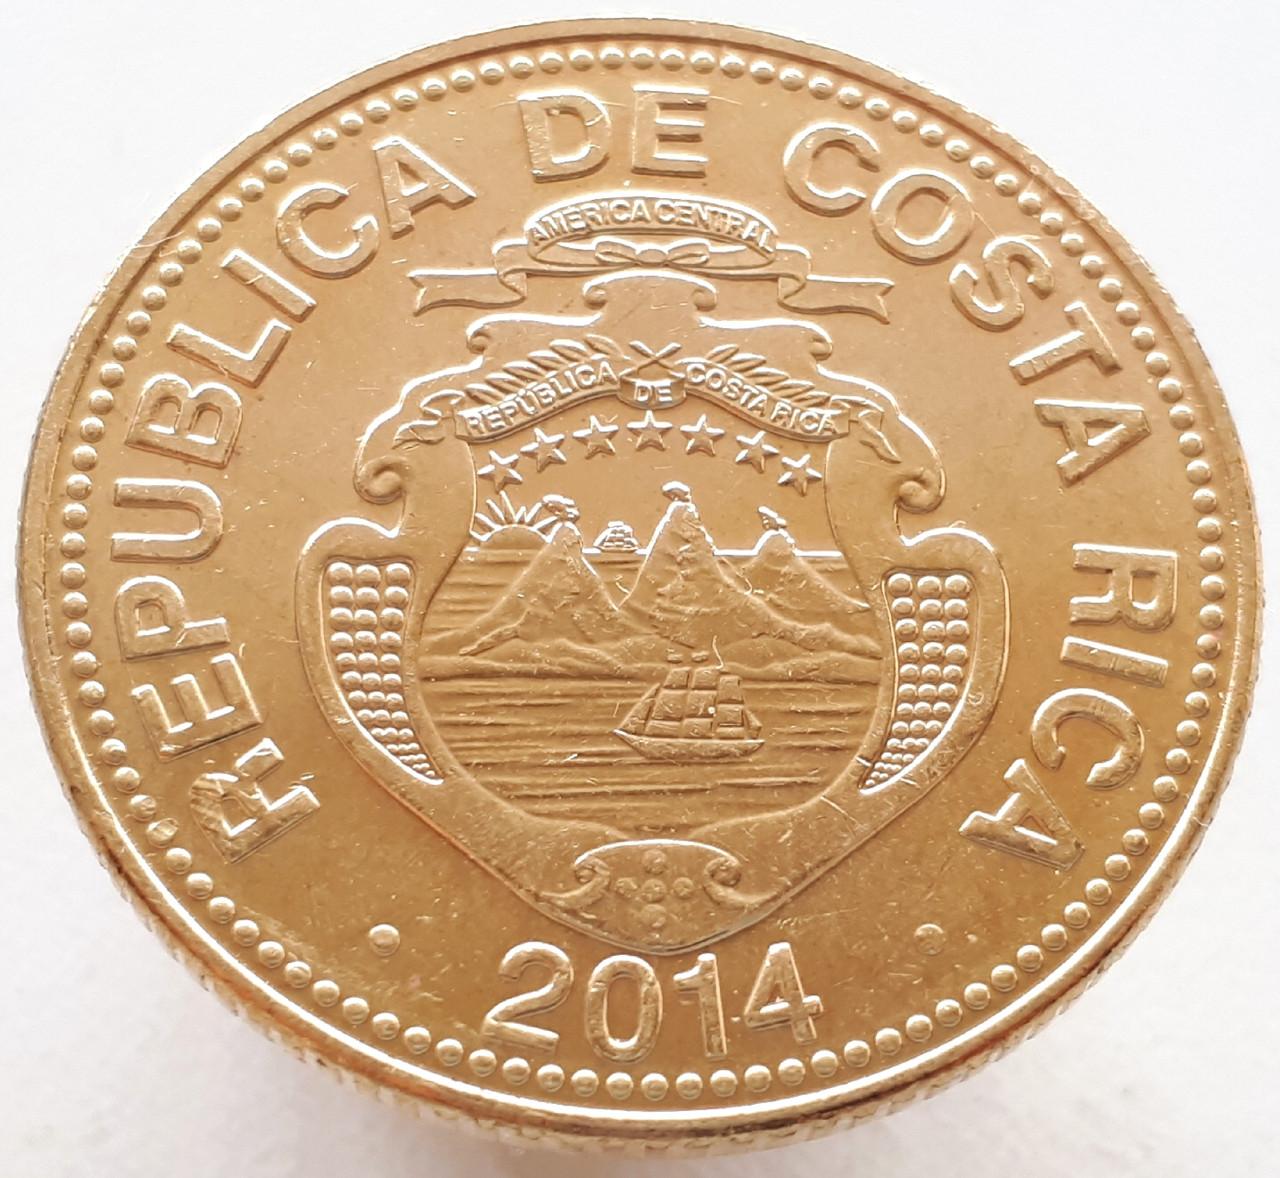 Коста-Рика 100 колонов 2014